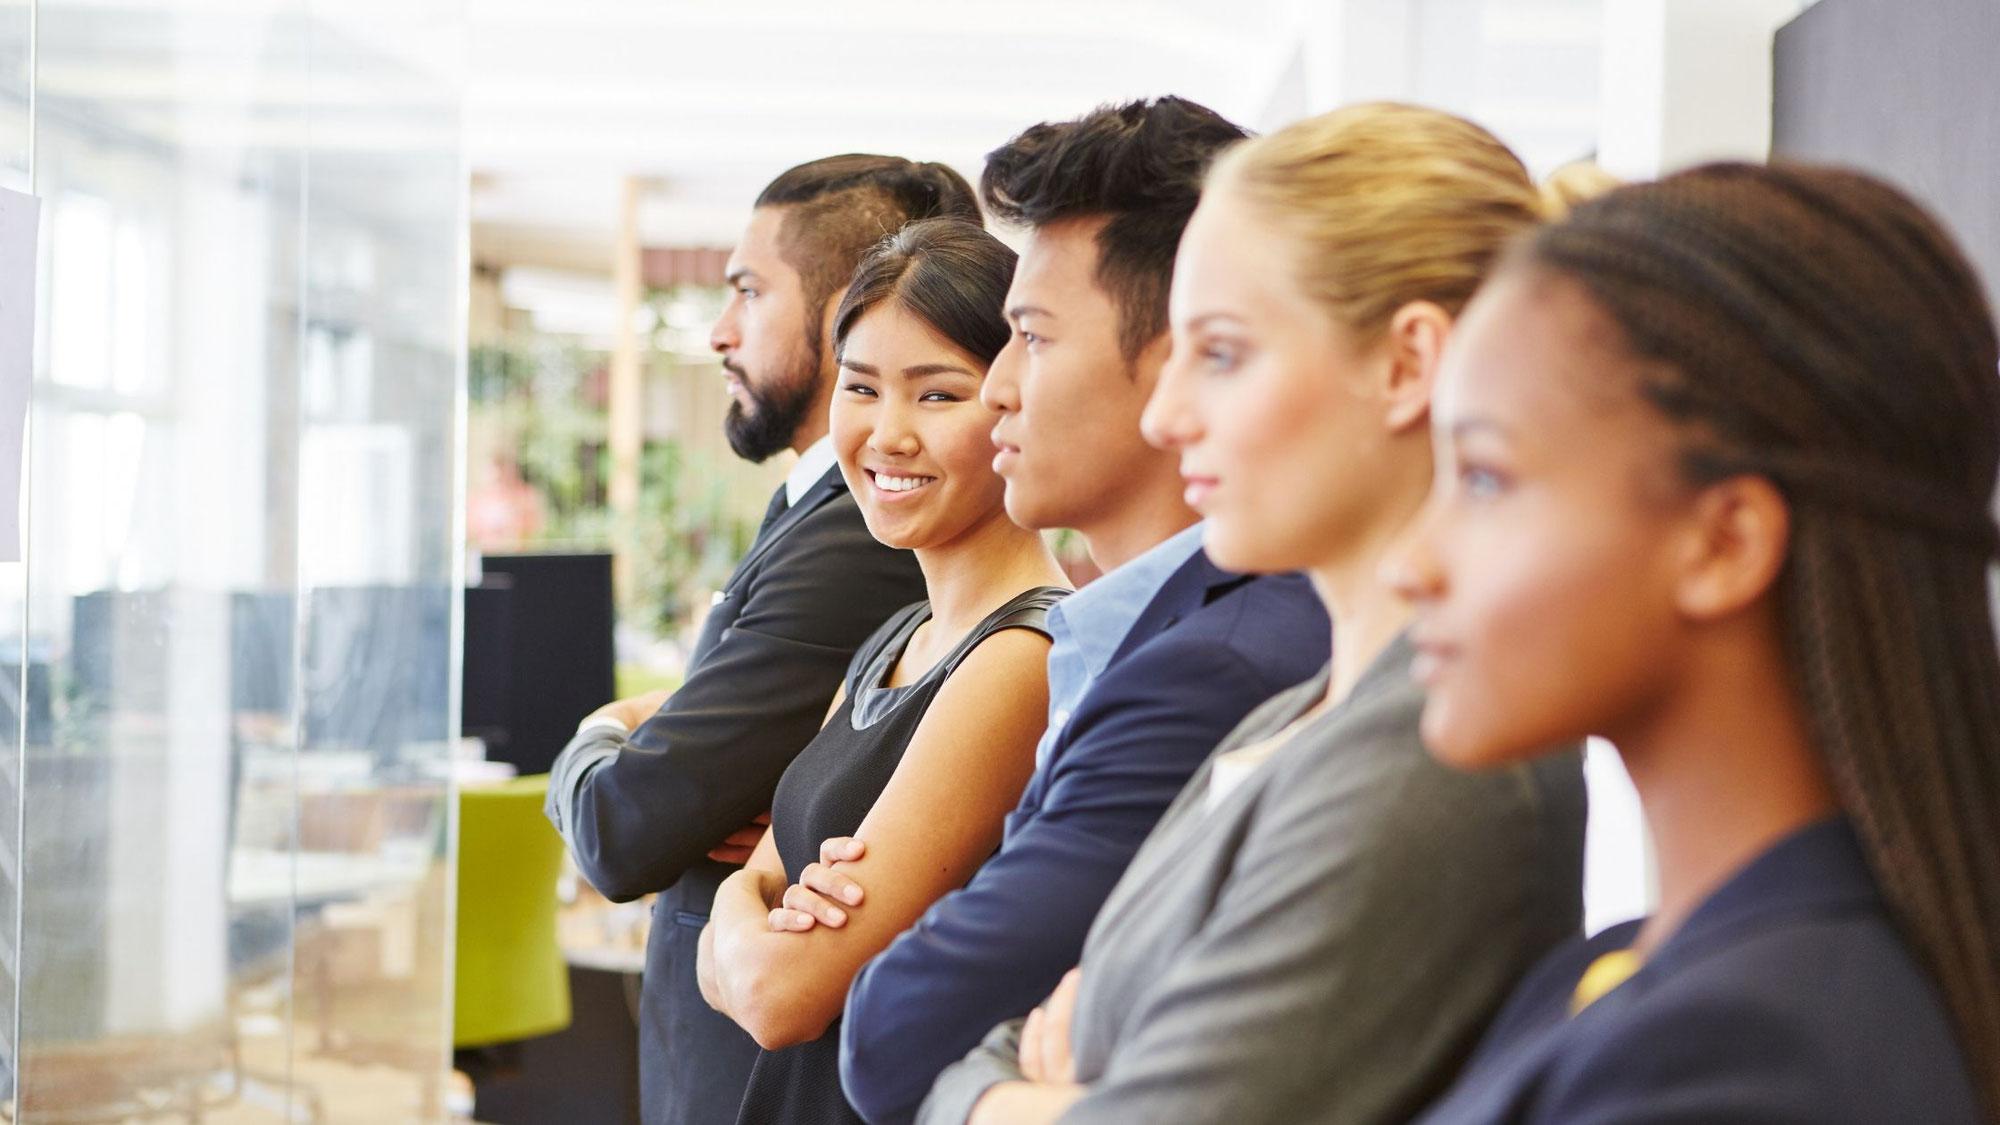 フリーランス希望者が増えているのは、会社員では老後が心配な日本という背景